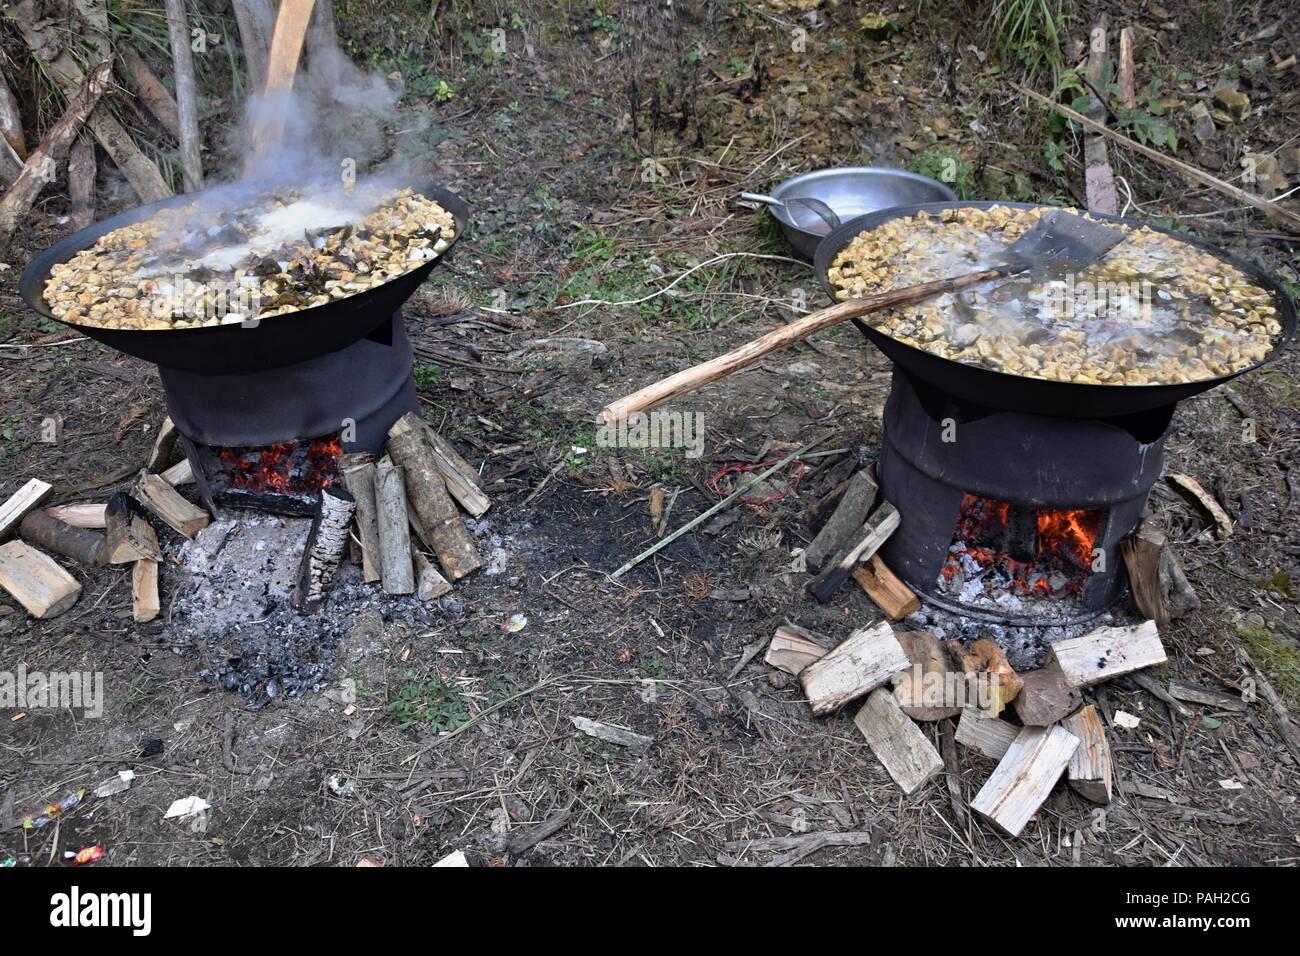 Outdoor Küche Holzofen : Kochen in der küche im freien. zwei metallfässer als holzofen mit